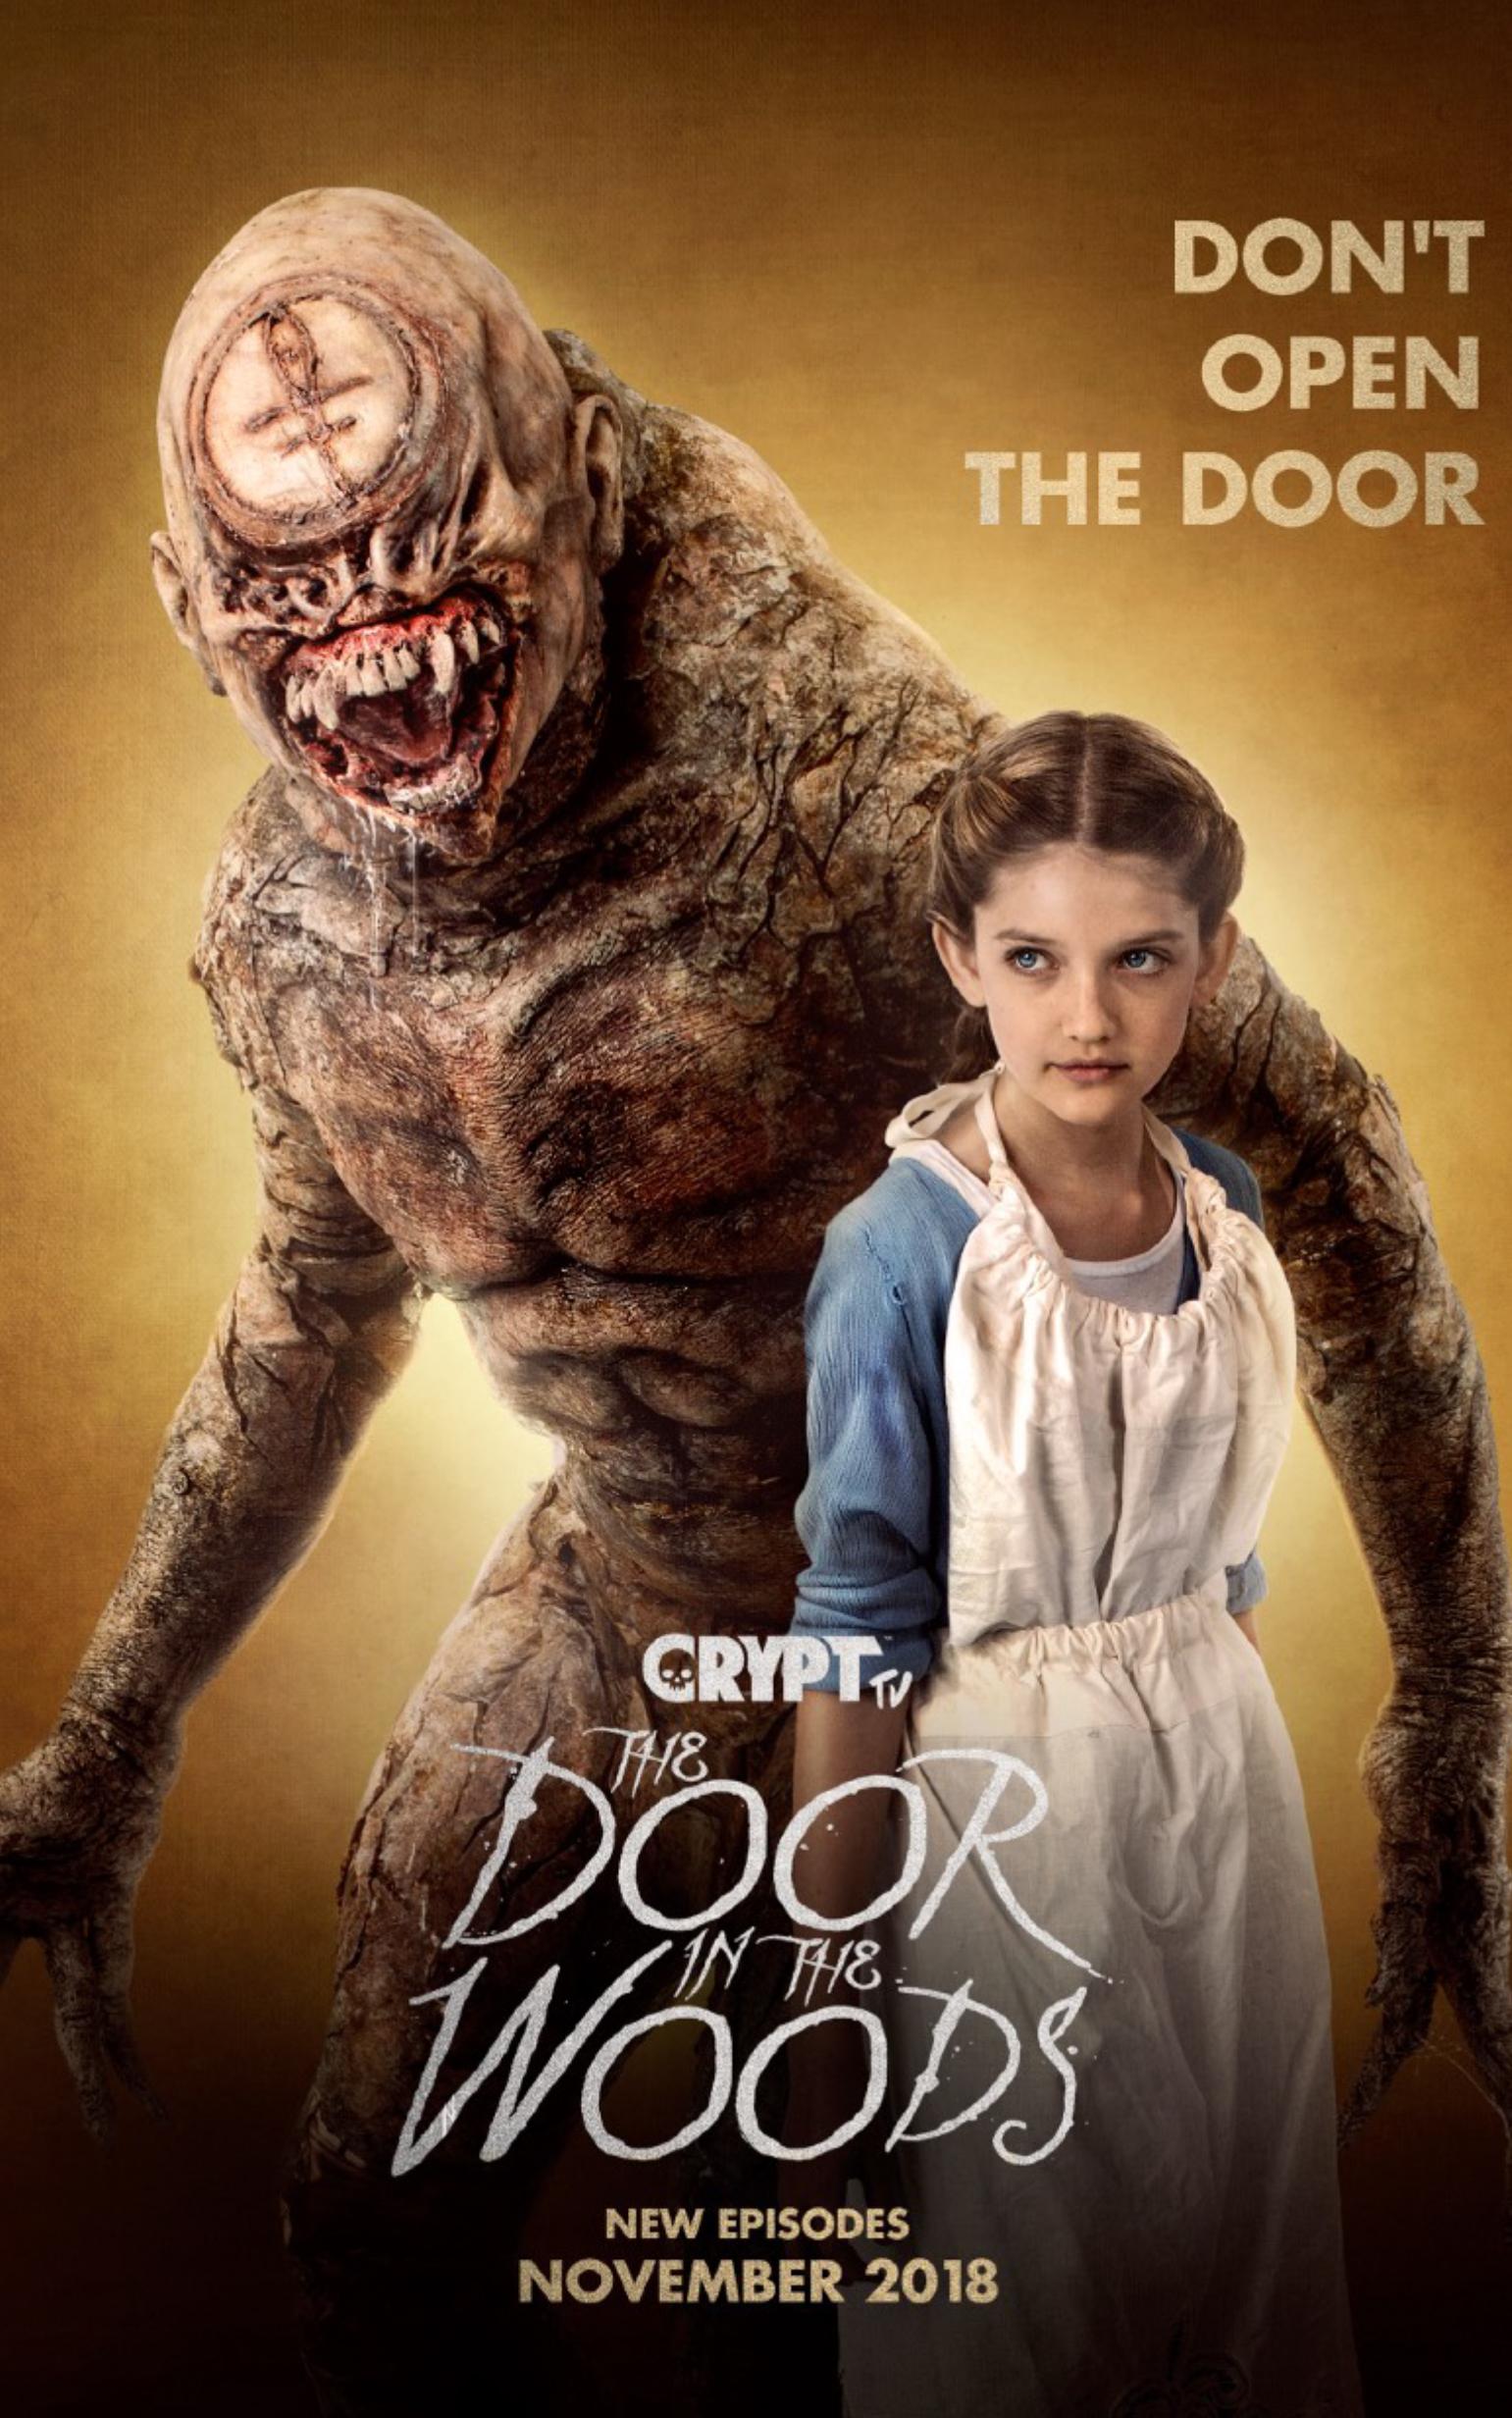 Crypt TV's The Door In The Woods